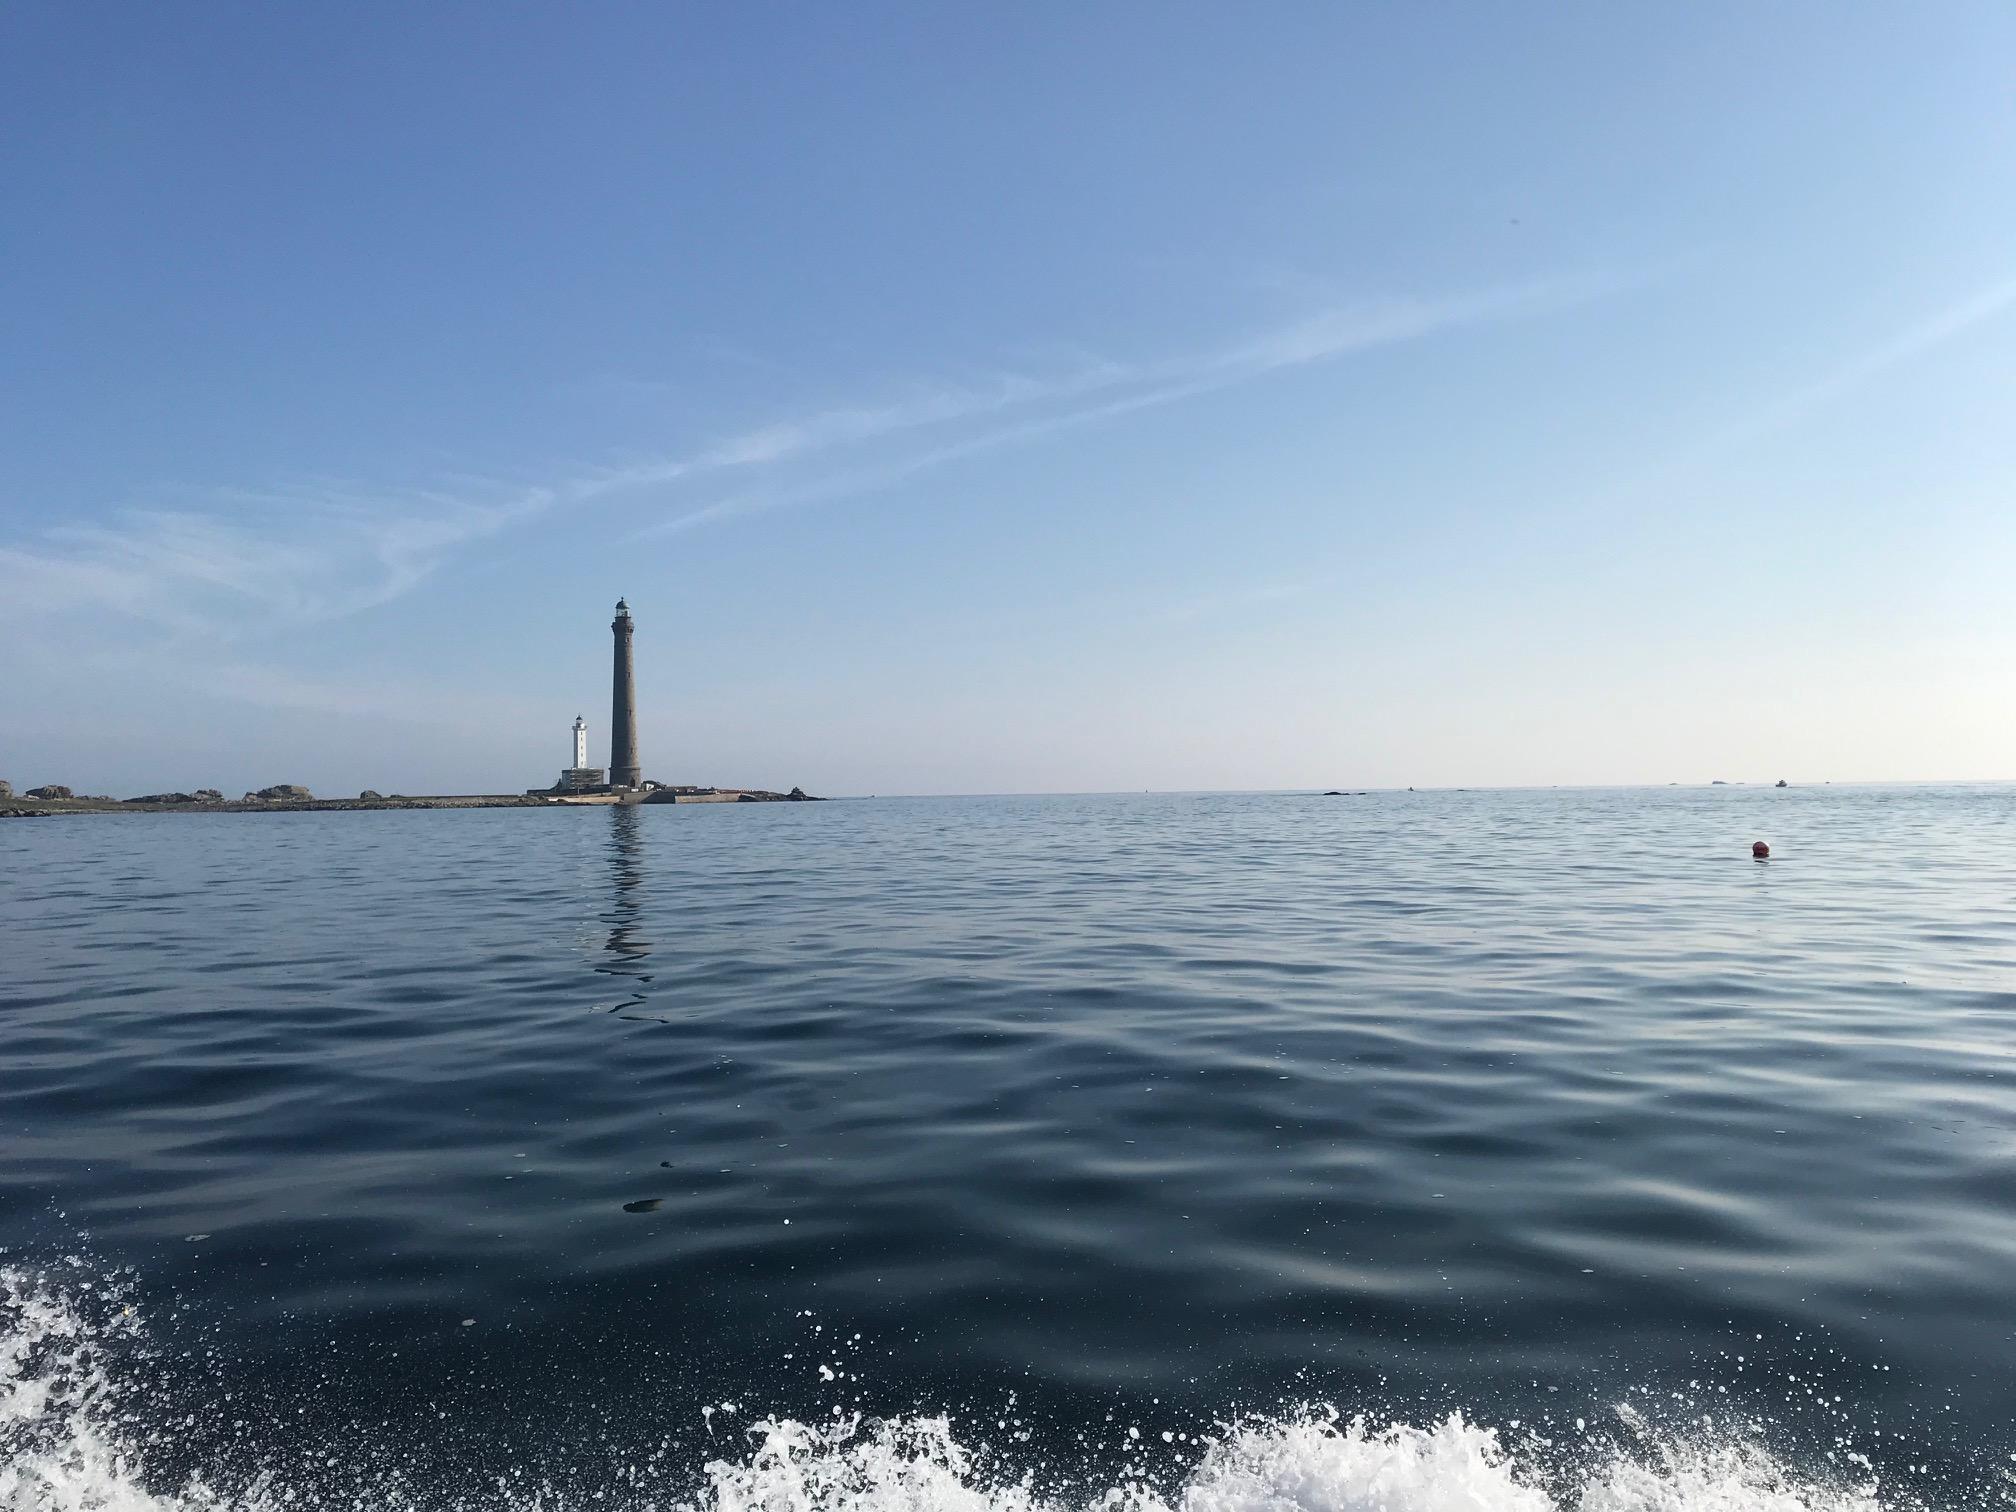 Vidéo #2 : rénovation du vieux phare de l'ile vierge un chantier exemplaire